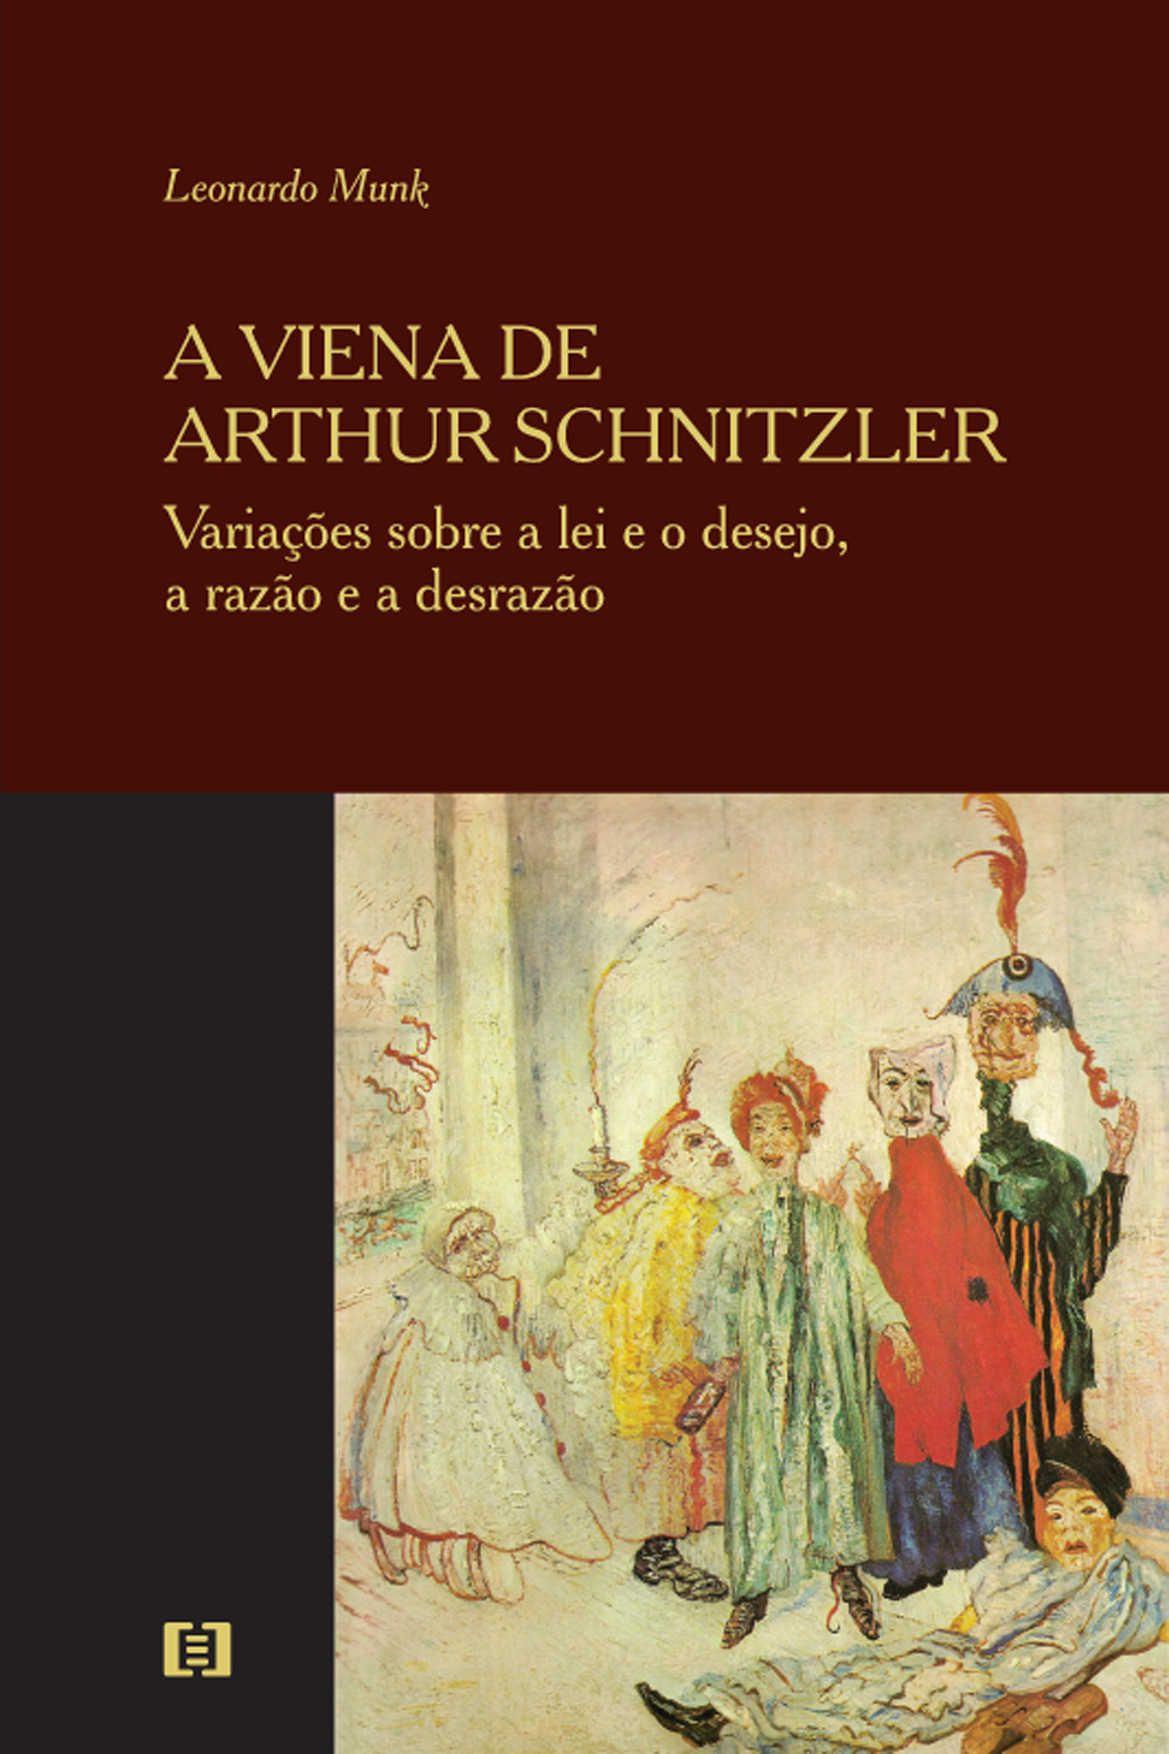 A Viena de Arthur Schnitzler: Variações sobre a lei e o desejo, a razão e a desrazão